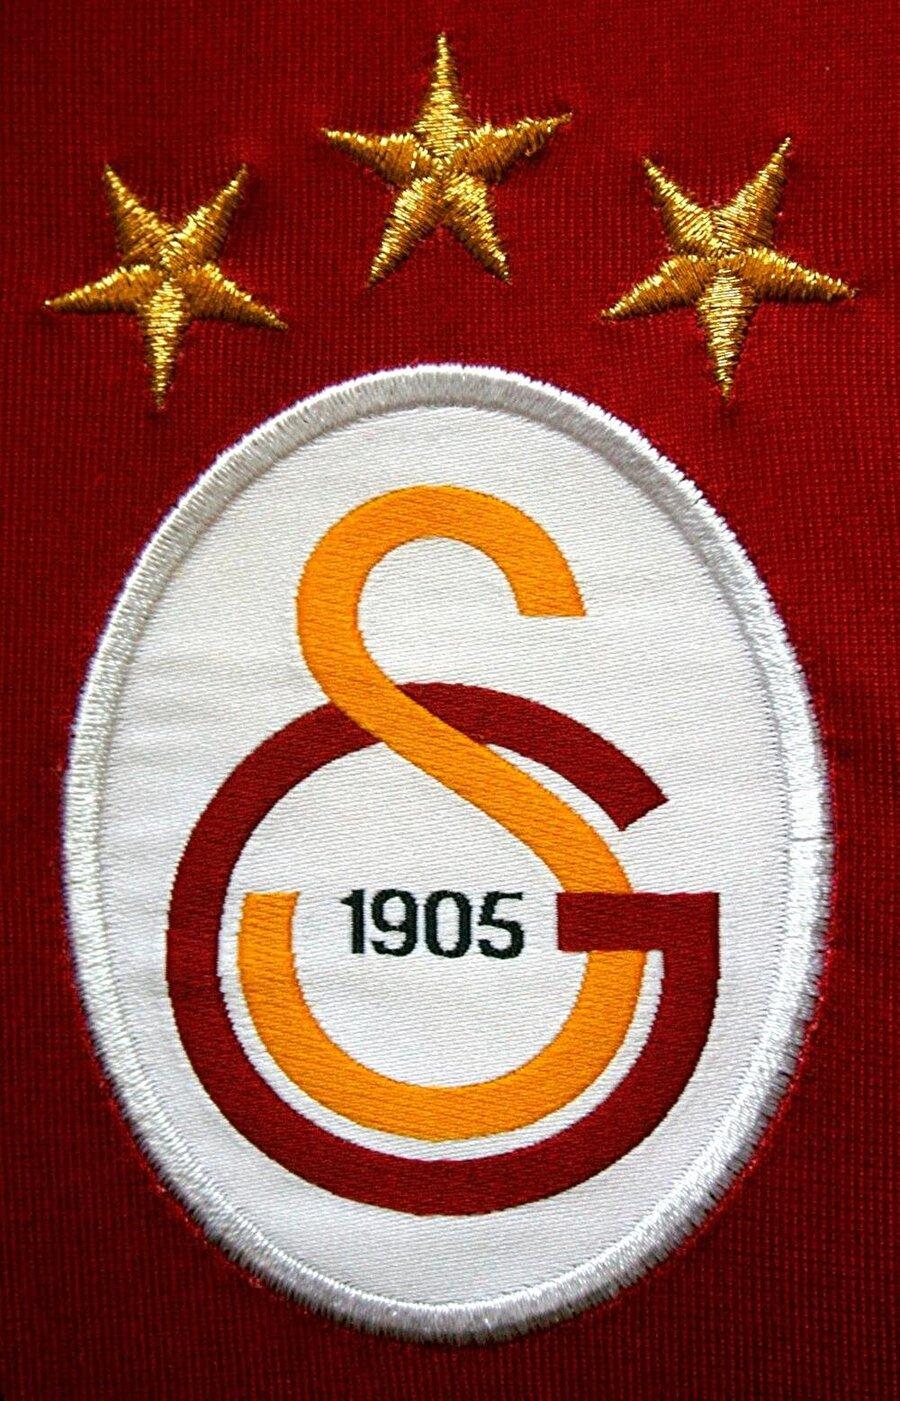 Galatasaray Sarı-kırmızılı kulübün ilk logosu Şevki Ege tarafından çizildi. 'Kartal' şeklindeki amblem Galatasaraylılar tarafından beğenilmedi. 1923'te ise Ahmet Ayetullah isimli genç bir öğrenci 'Gayın' ve 'Sin' harflerinden oluşan logoyu çizdi. 1928'de ise harf devrimi nedeniyle logodaki 'Gayın' ve 'Sin' harfleri 'G' ve 'S' harfleriyle yer değiştirdi.